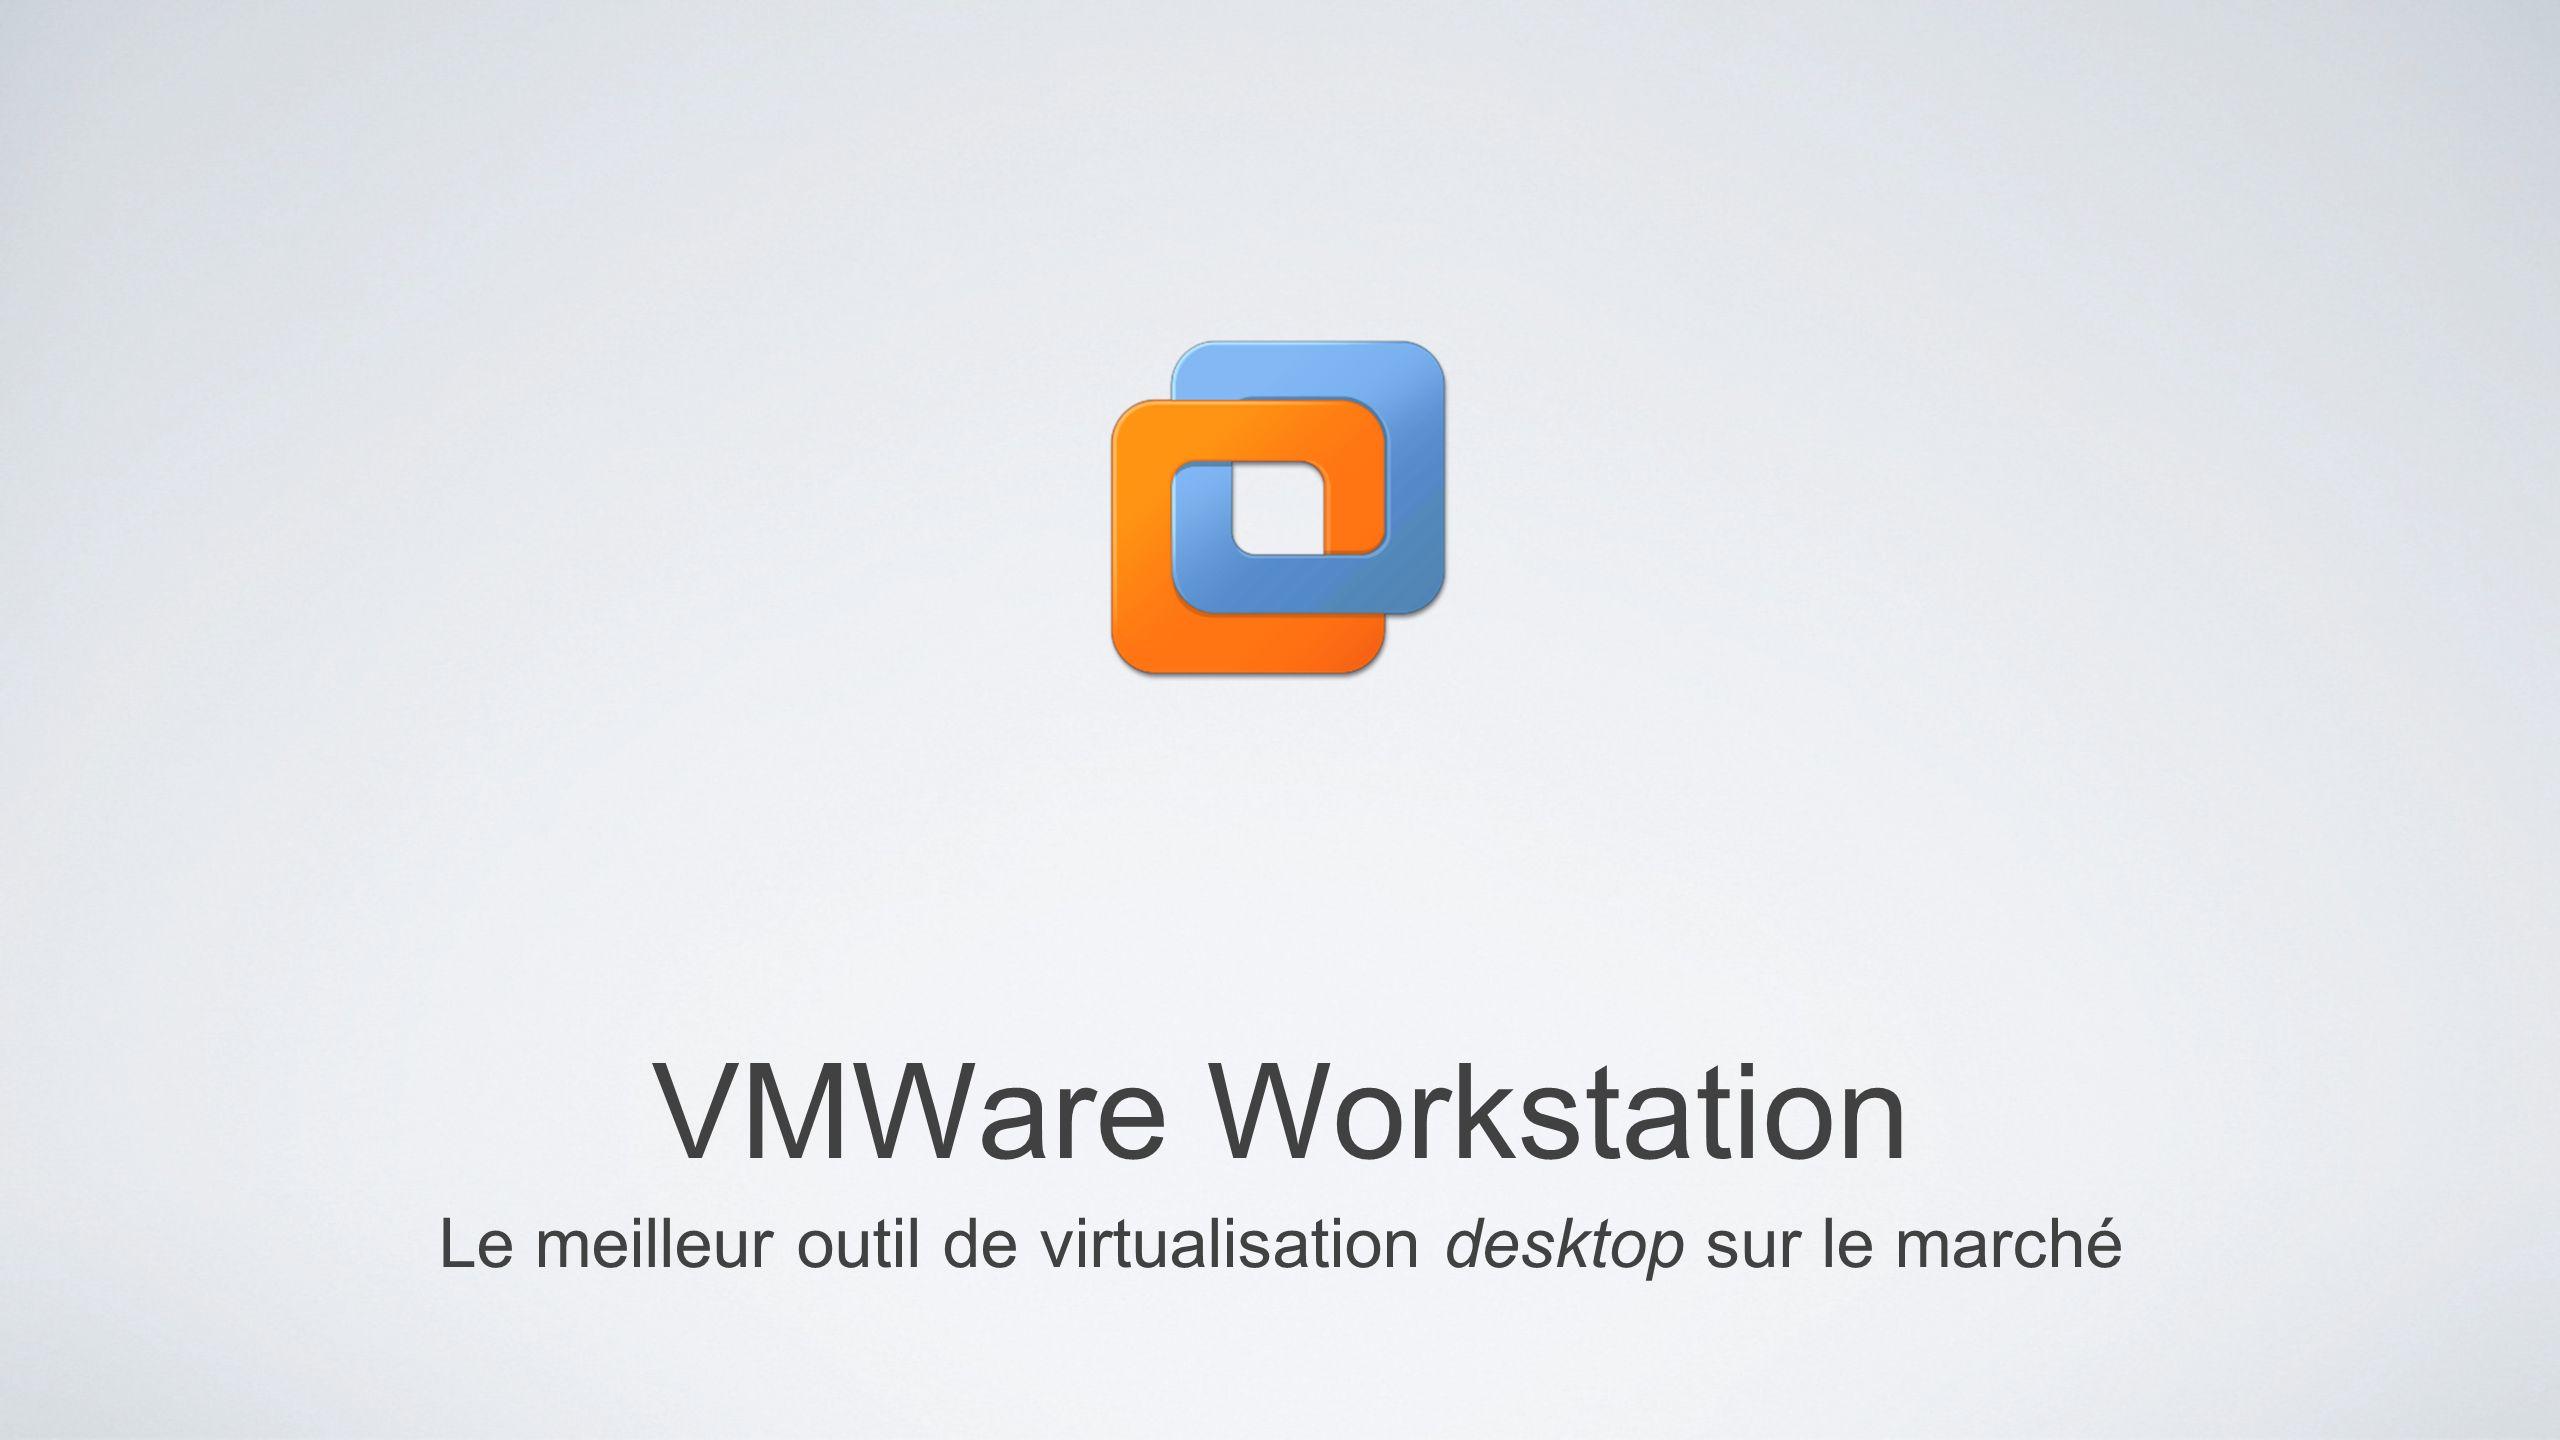 Le meilleur outil de virtualisation desktop sur le marché